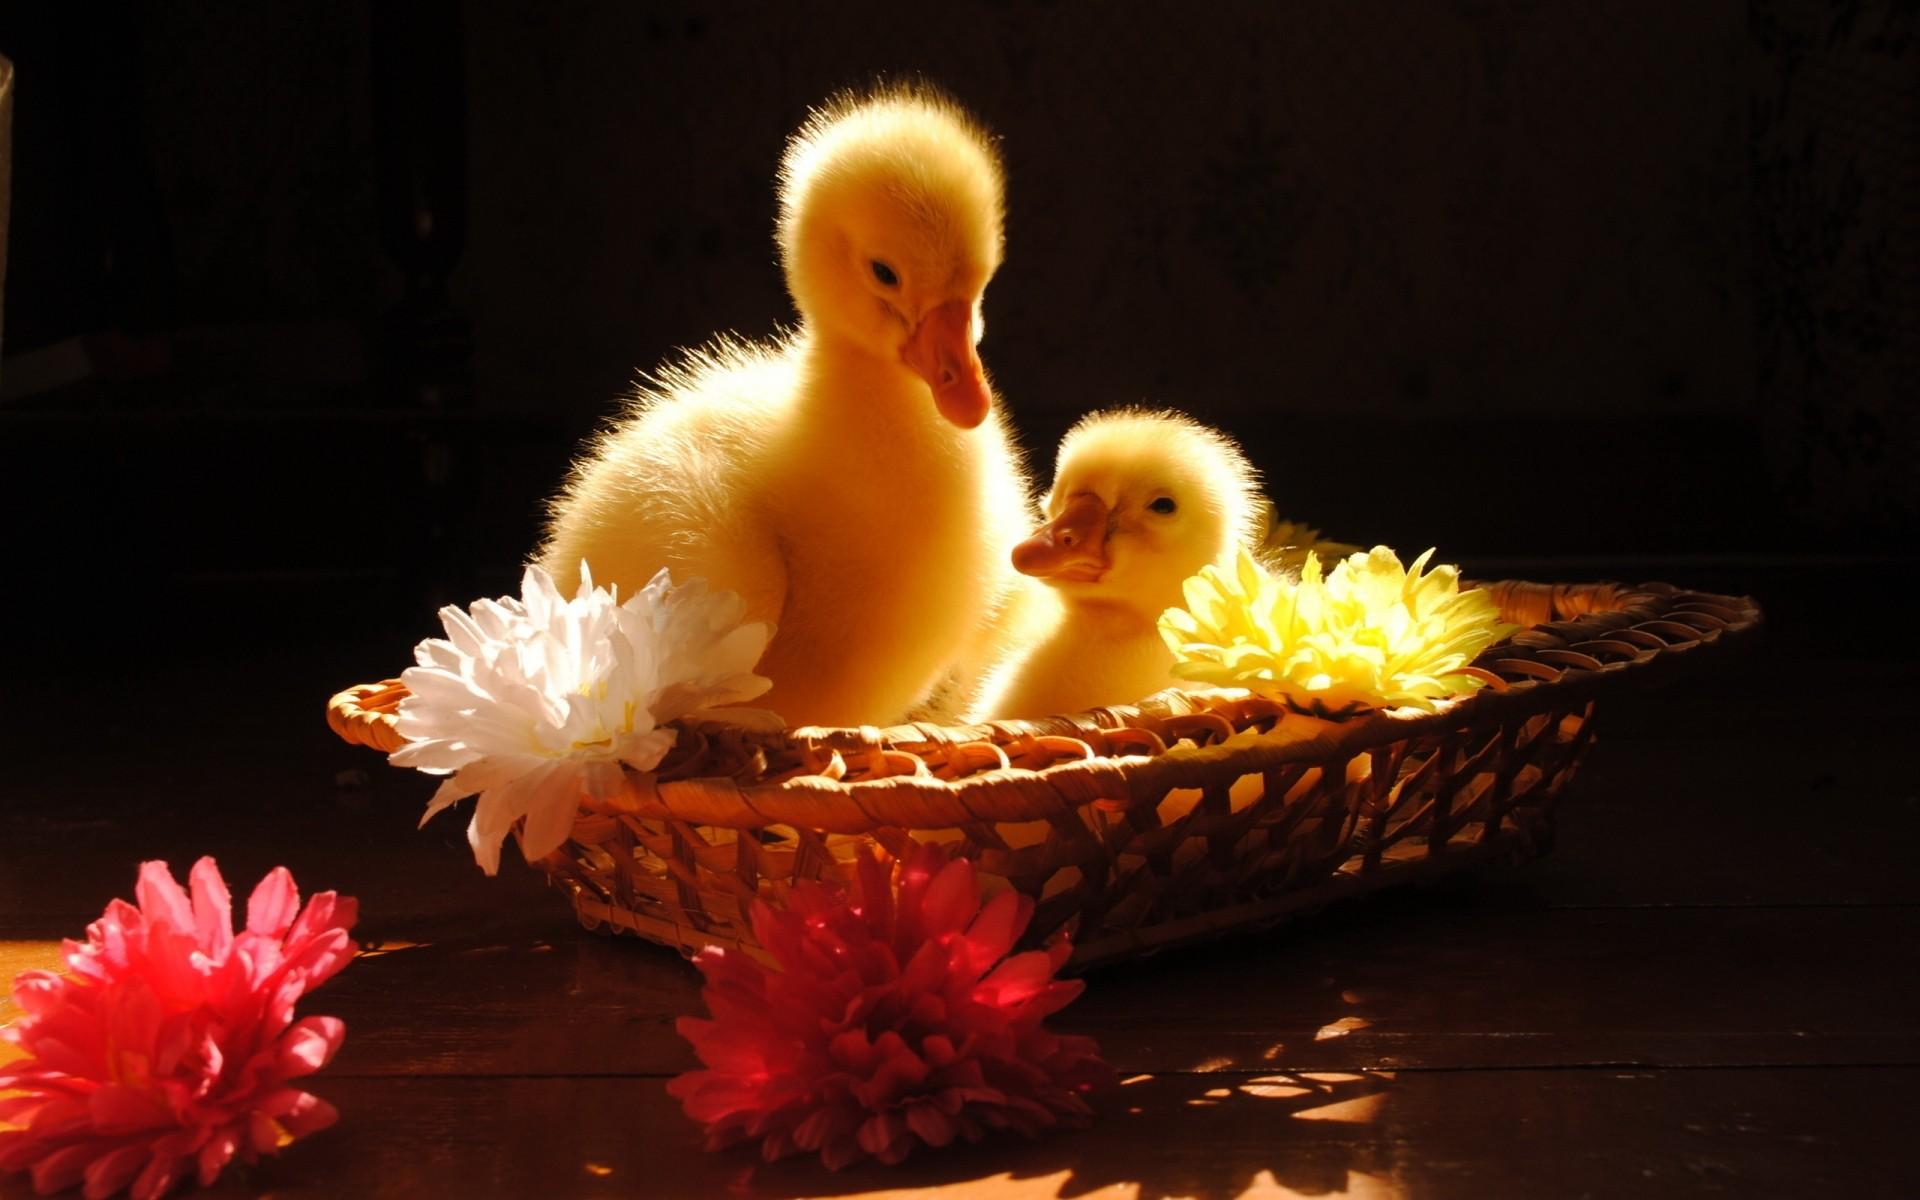 Осень открытки, доброе утро картинки красивые с животными и птицами движущиеся